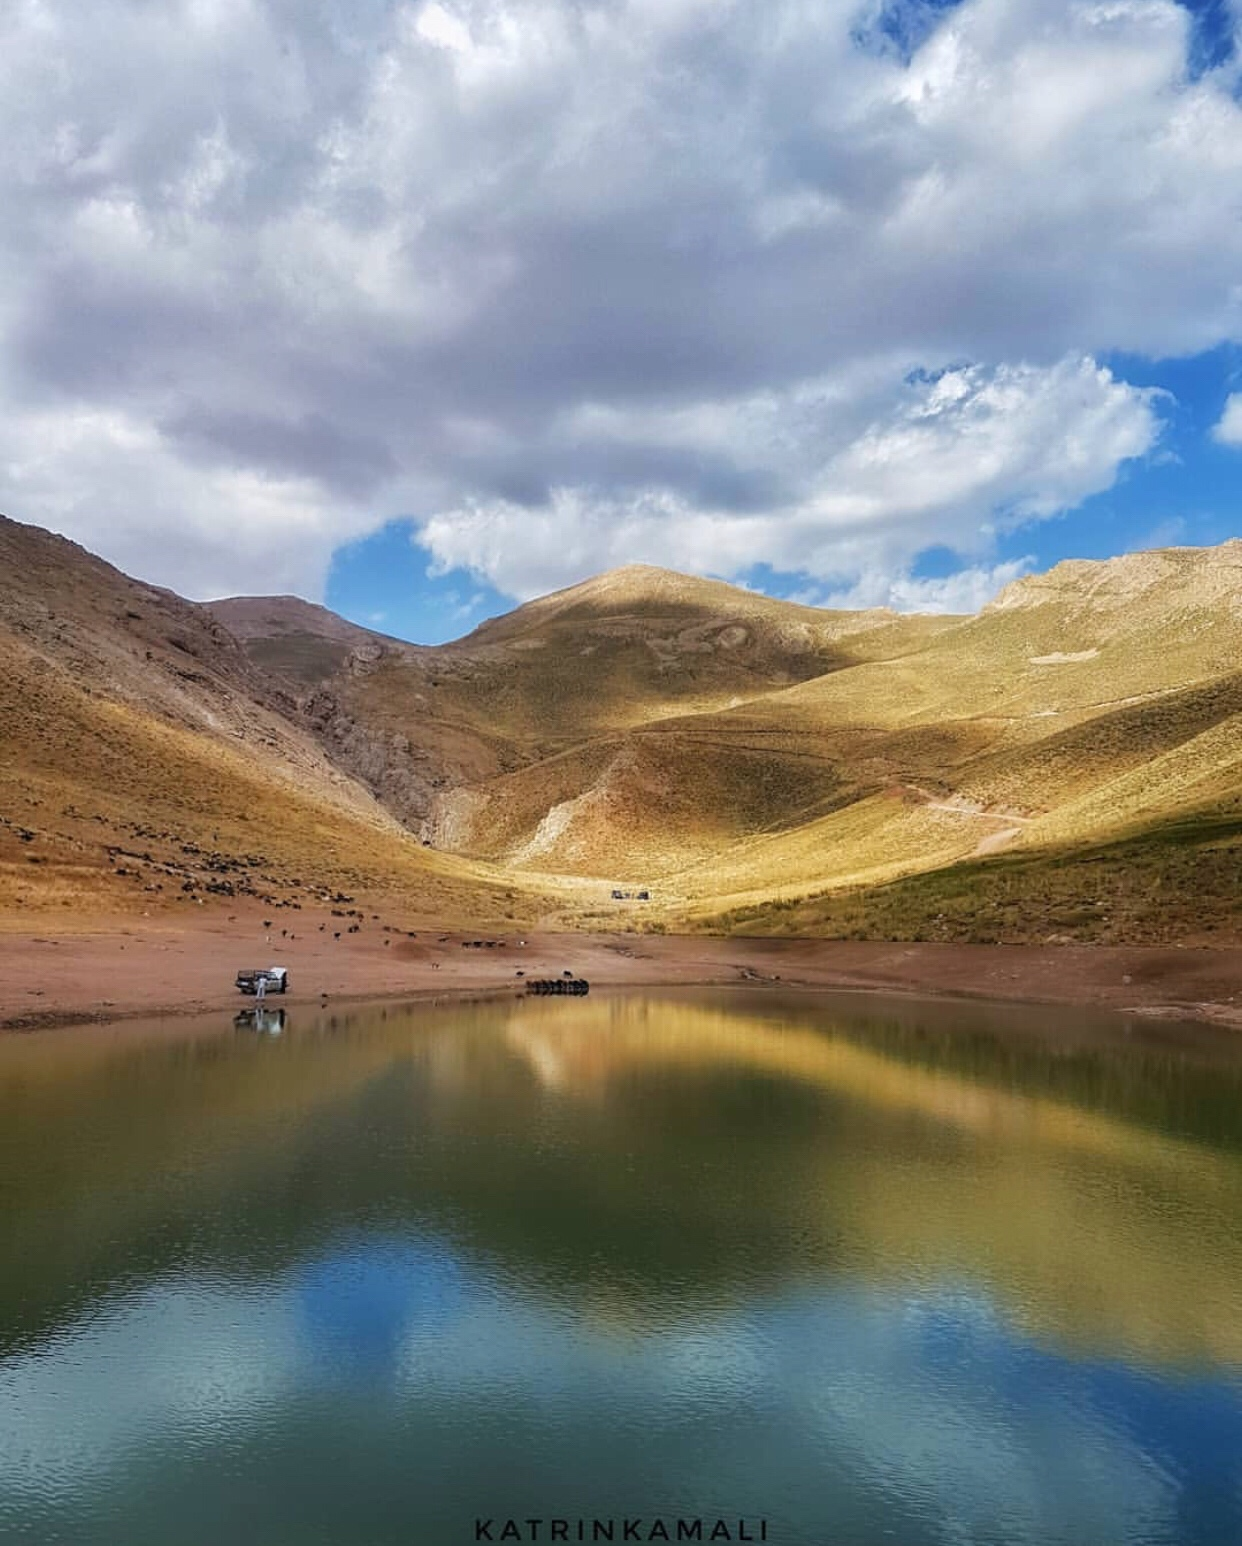 عدسة إيرانية: بحيرة لزور بالقرب من طهران 3